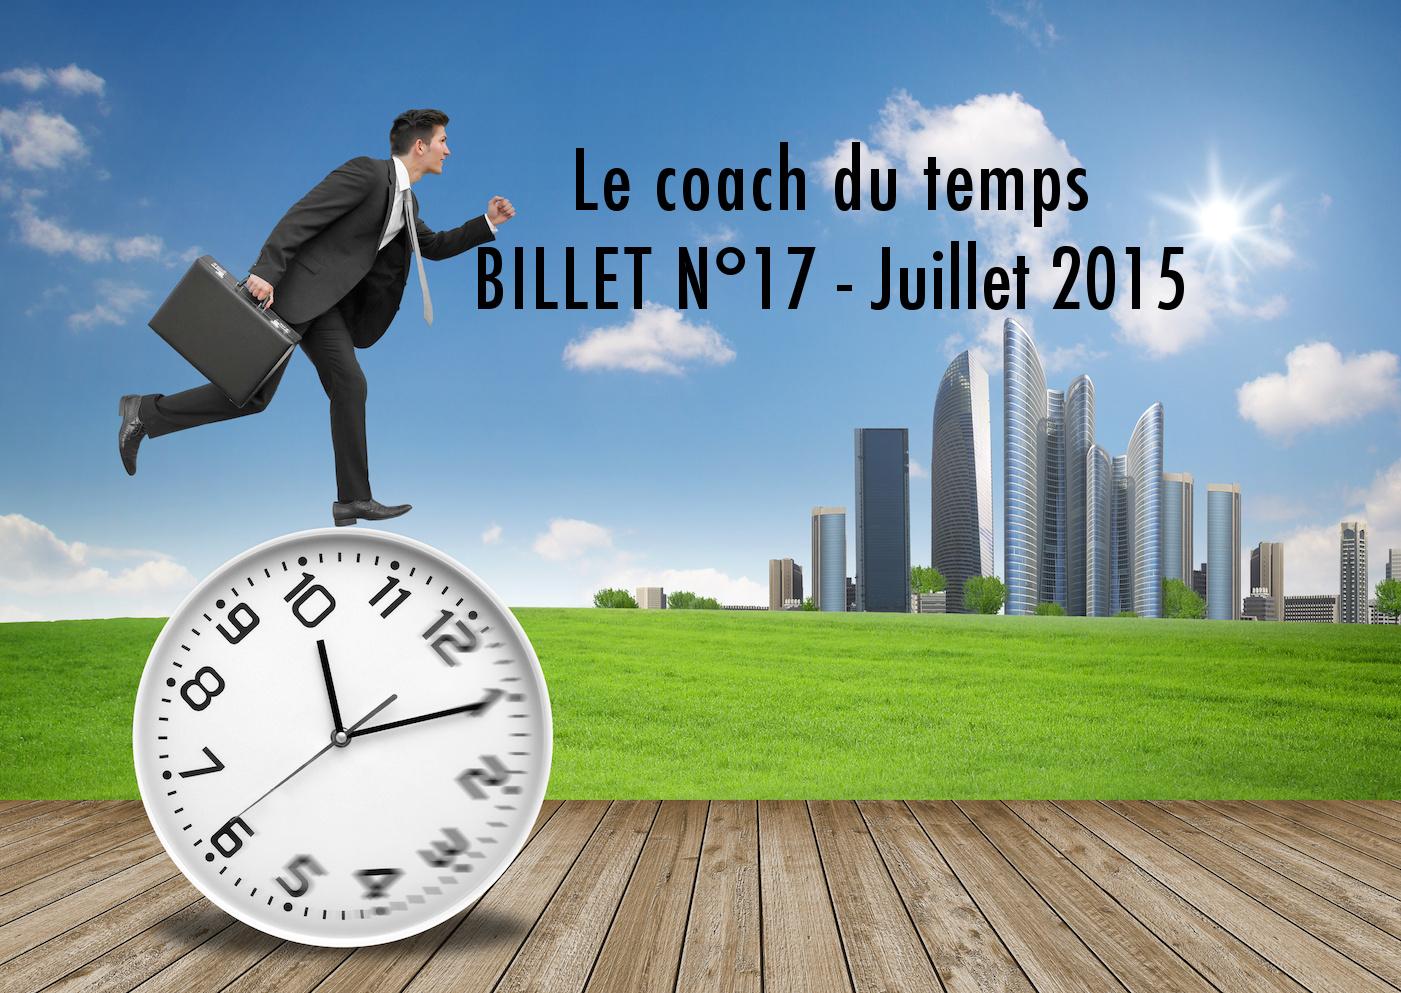 billet de conciliation entre productivité et bien-être n°17